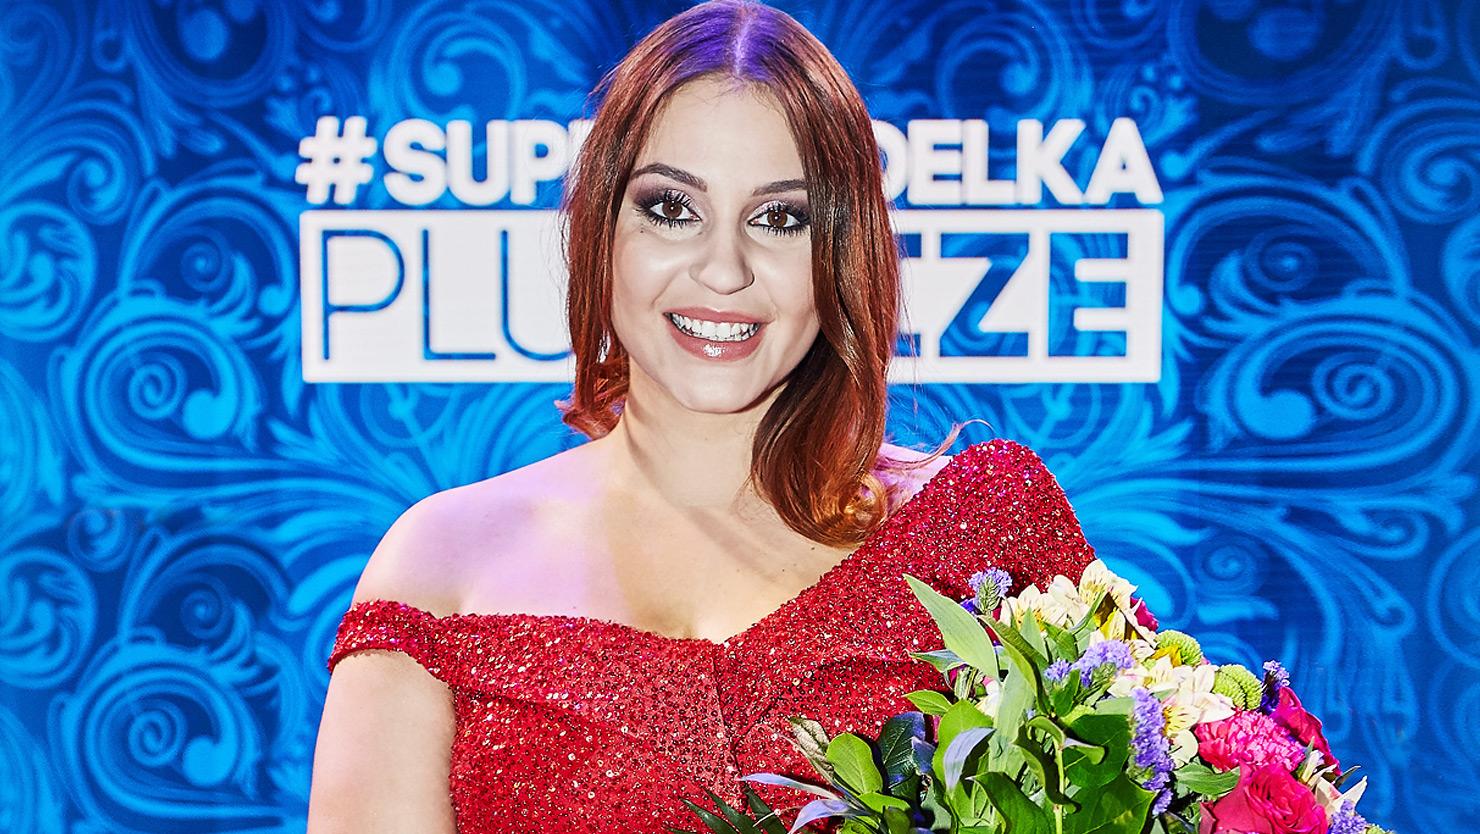 """""""#Supermodelka Plus Size"""": Kulisy wielkiego finału - Polsat.pl"""